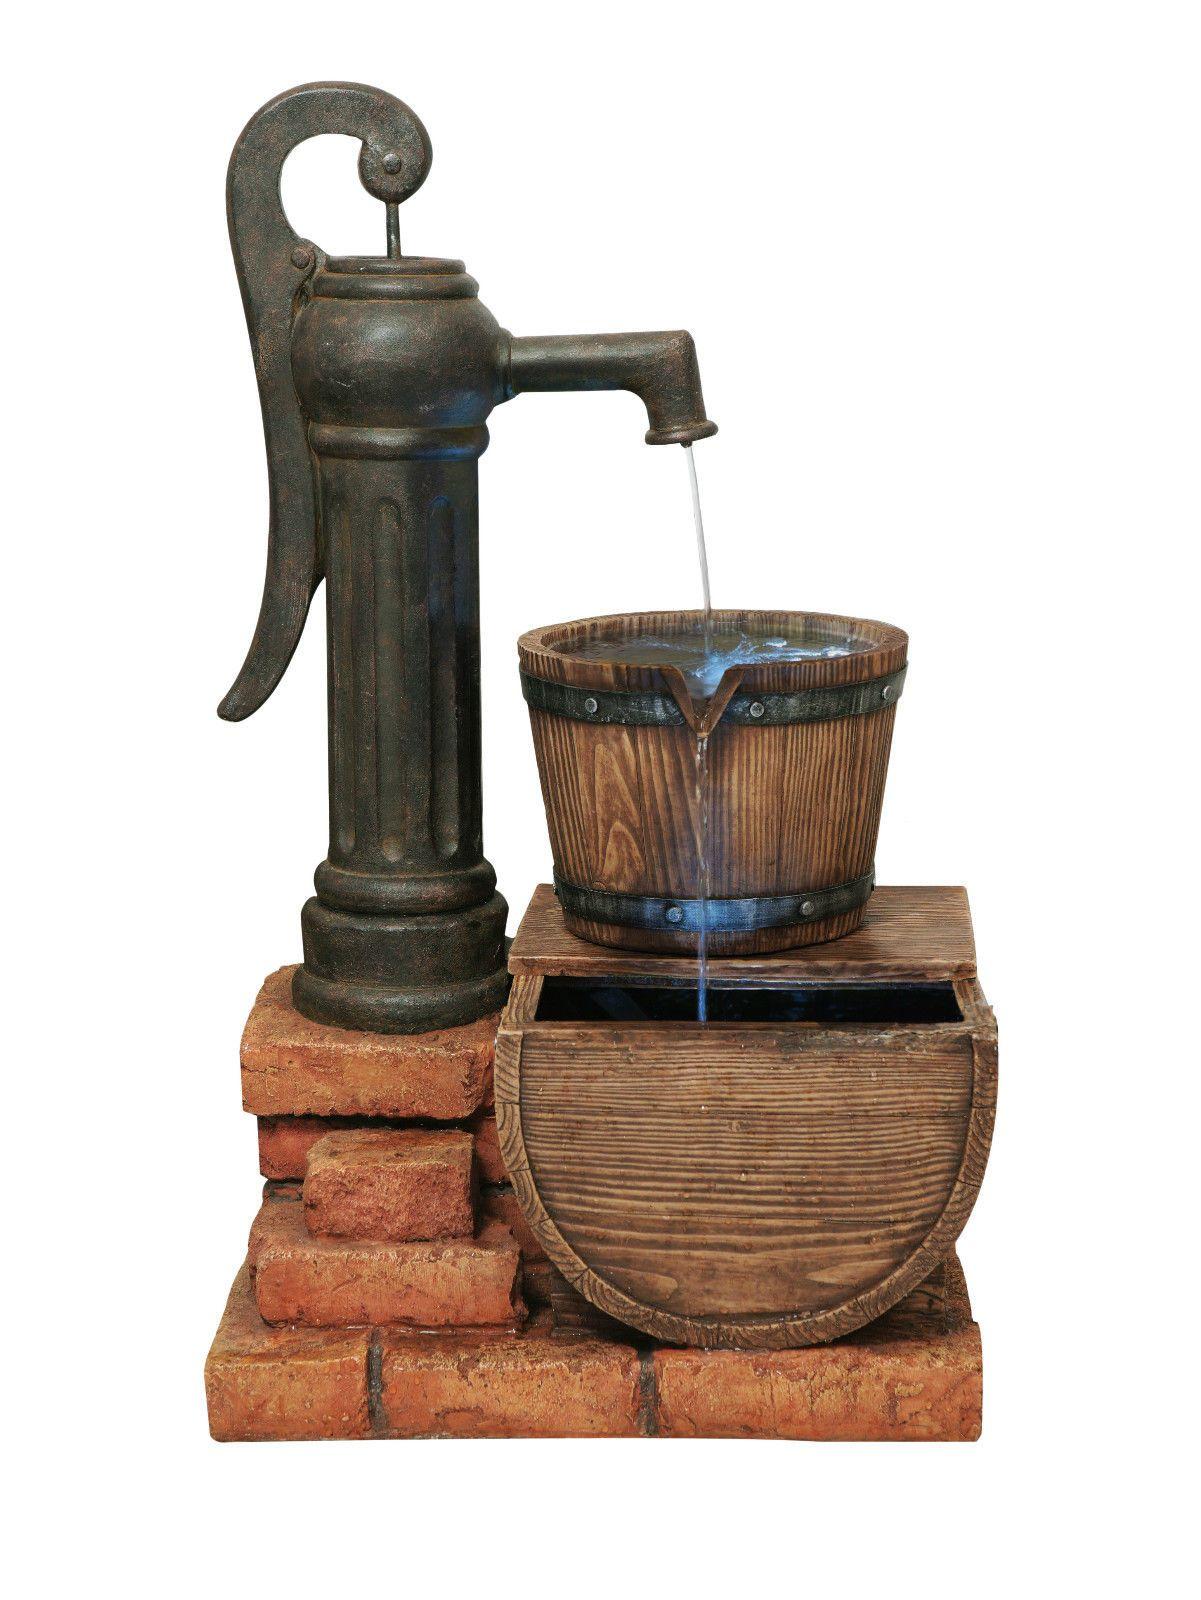 Handpumpe Und Fass Brunnen Mit Beleuchtung Wasser Spiel Garten Spring Zier Eur 221 99 Picclick De Gartenbrunnen Brunnen Brunnen Garten